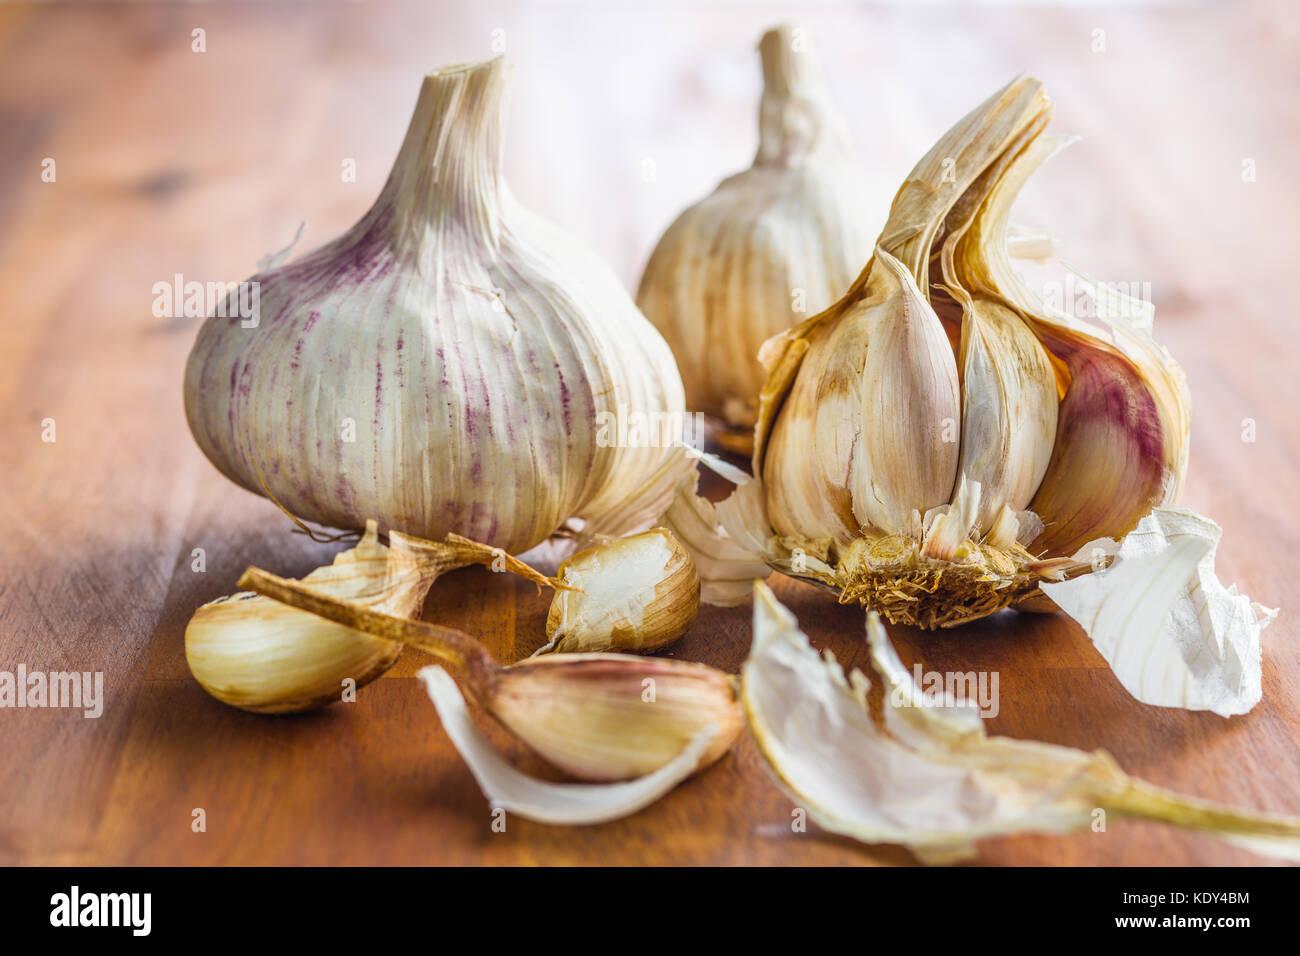 Fresco e salutare l'aglio sul tavolo di legno. Immagini Stock